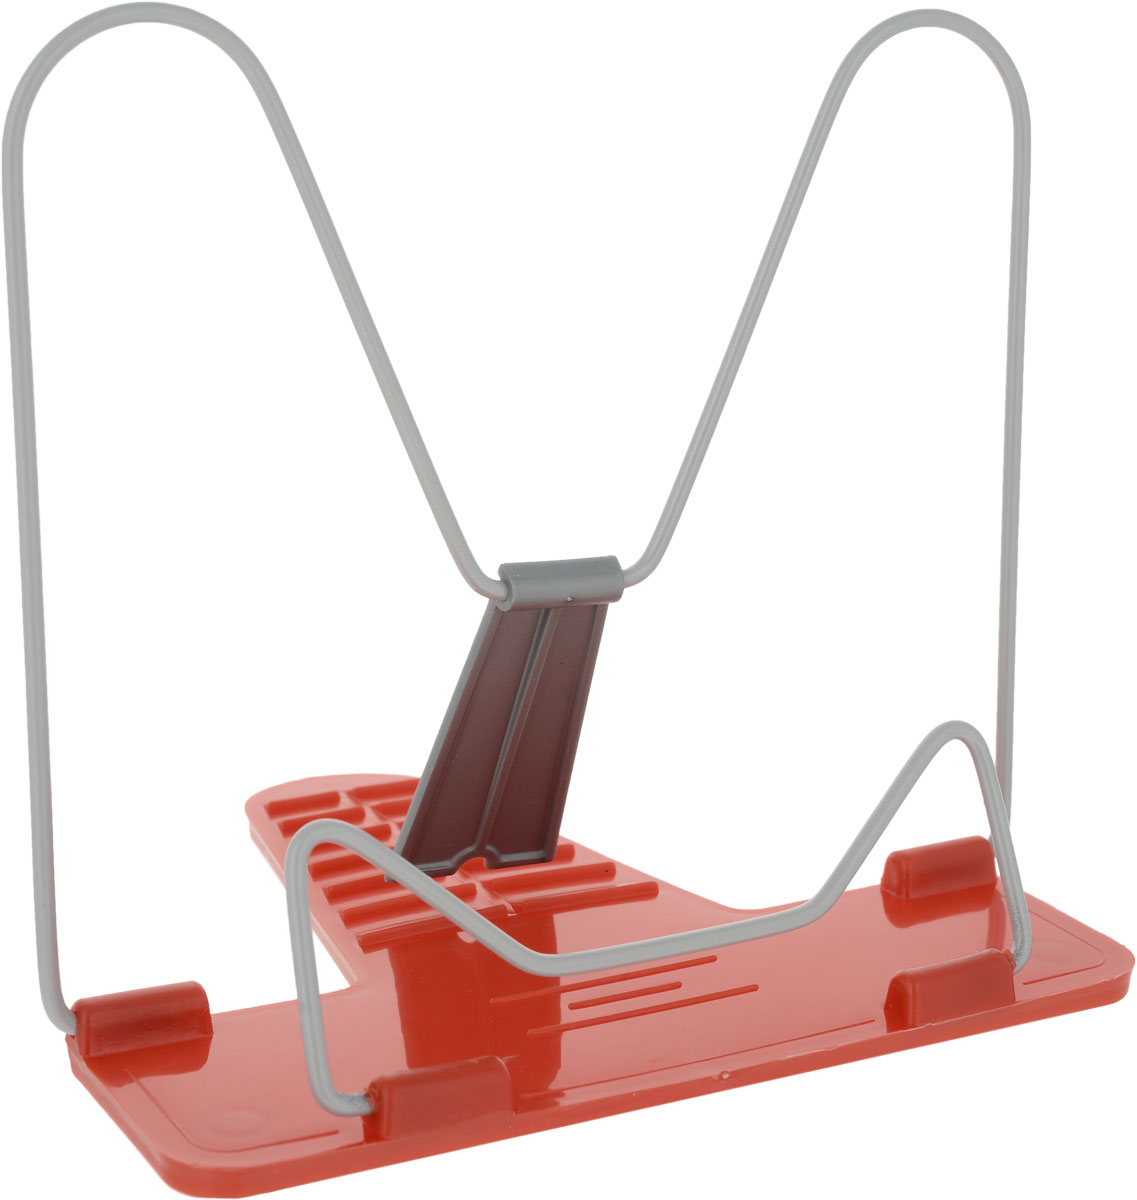 Action! Подставка для книг Fancy цвет красныйFBH01Классическая металлическая подставка для книг Action! Fancy станет незаменимым аксессуаром на столе у школьника или студента. Подставка оснащена упором, благодаря чему она имеет несколько углов наклона. Характеристики: Материал:металл, пластик. Размер подставки в сложенном виде: 17 см х 19 см х 1 см. Изготовитель: Россия.